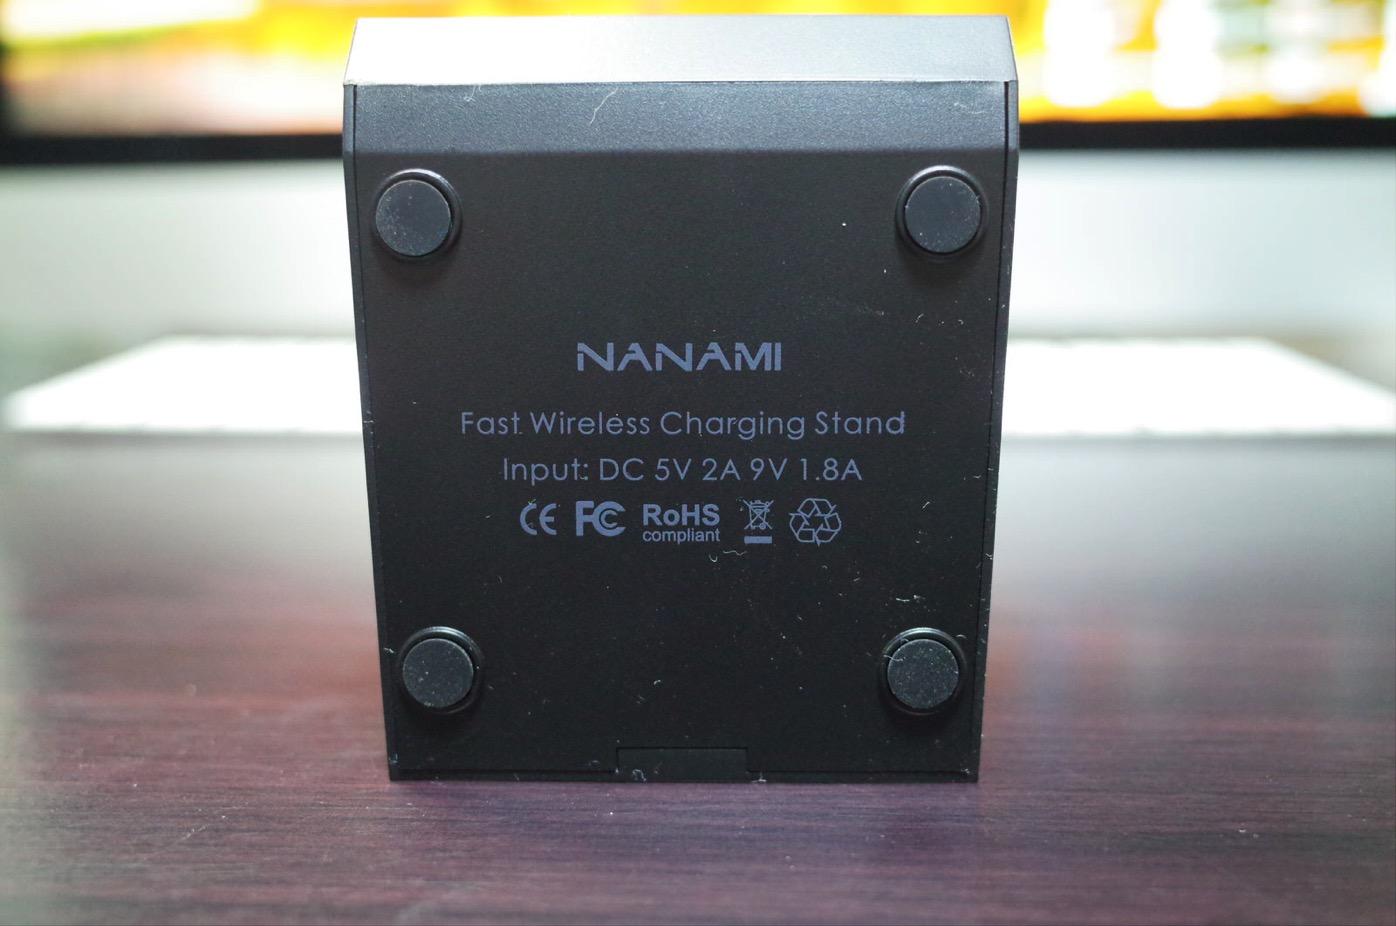 Qi 急速 ワイヤレス充電器 NANAMI Quick Charge 2.0 二つのコイル ワイヤレスチャージャー7